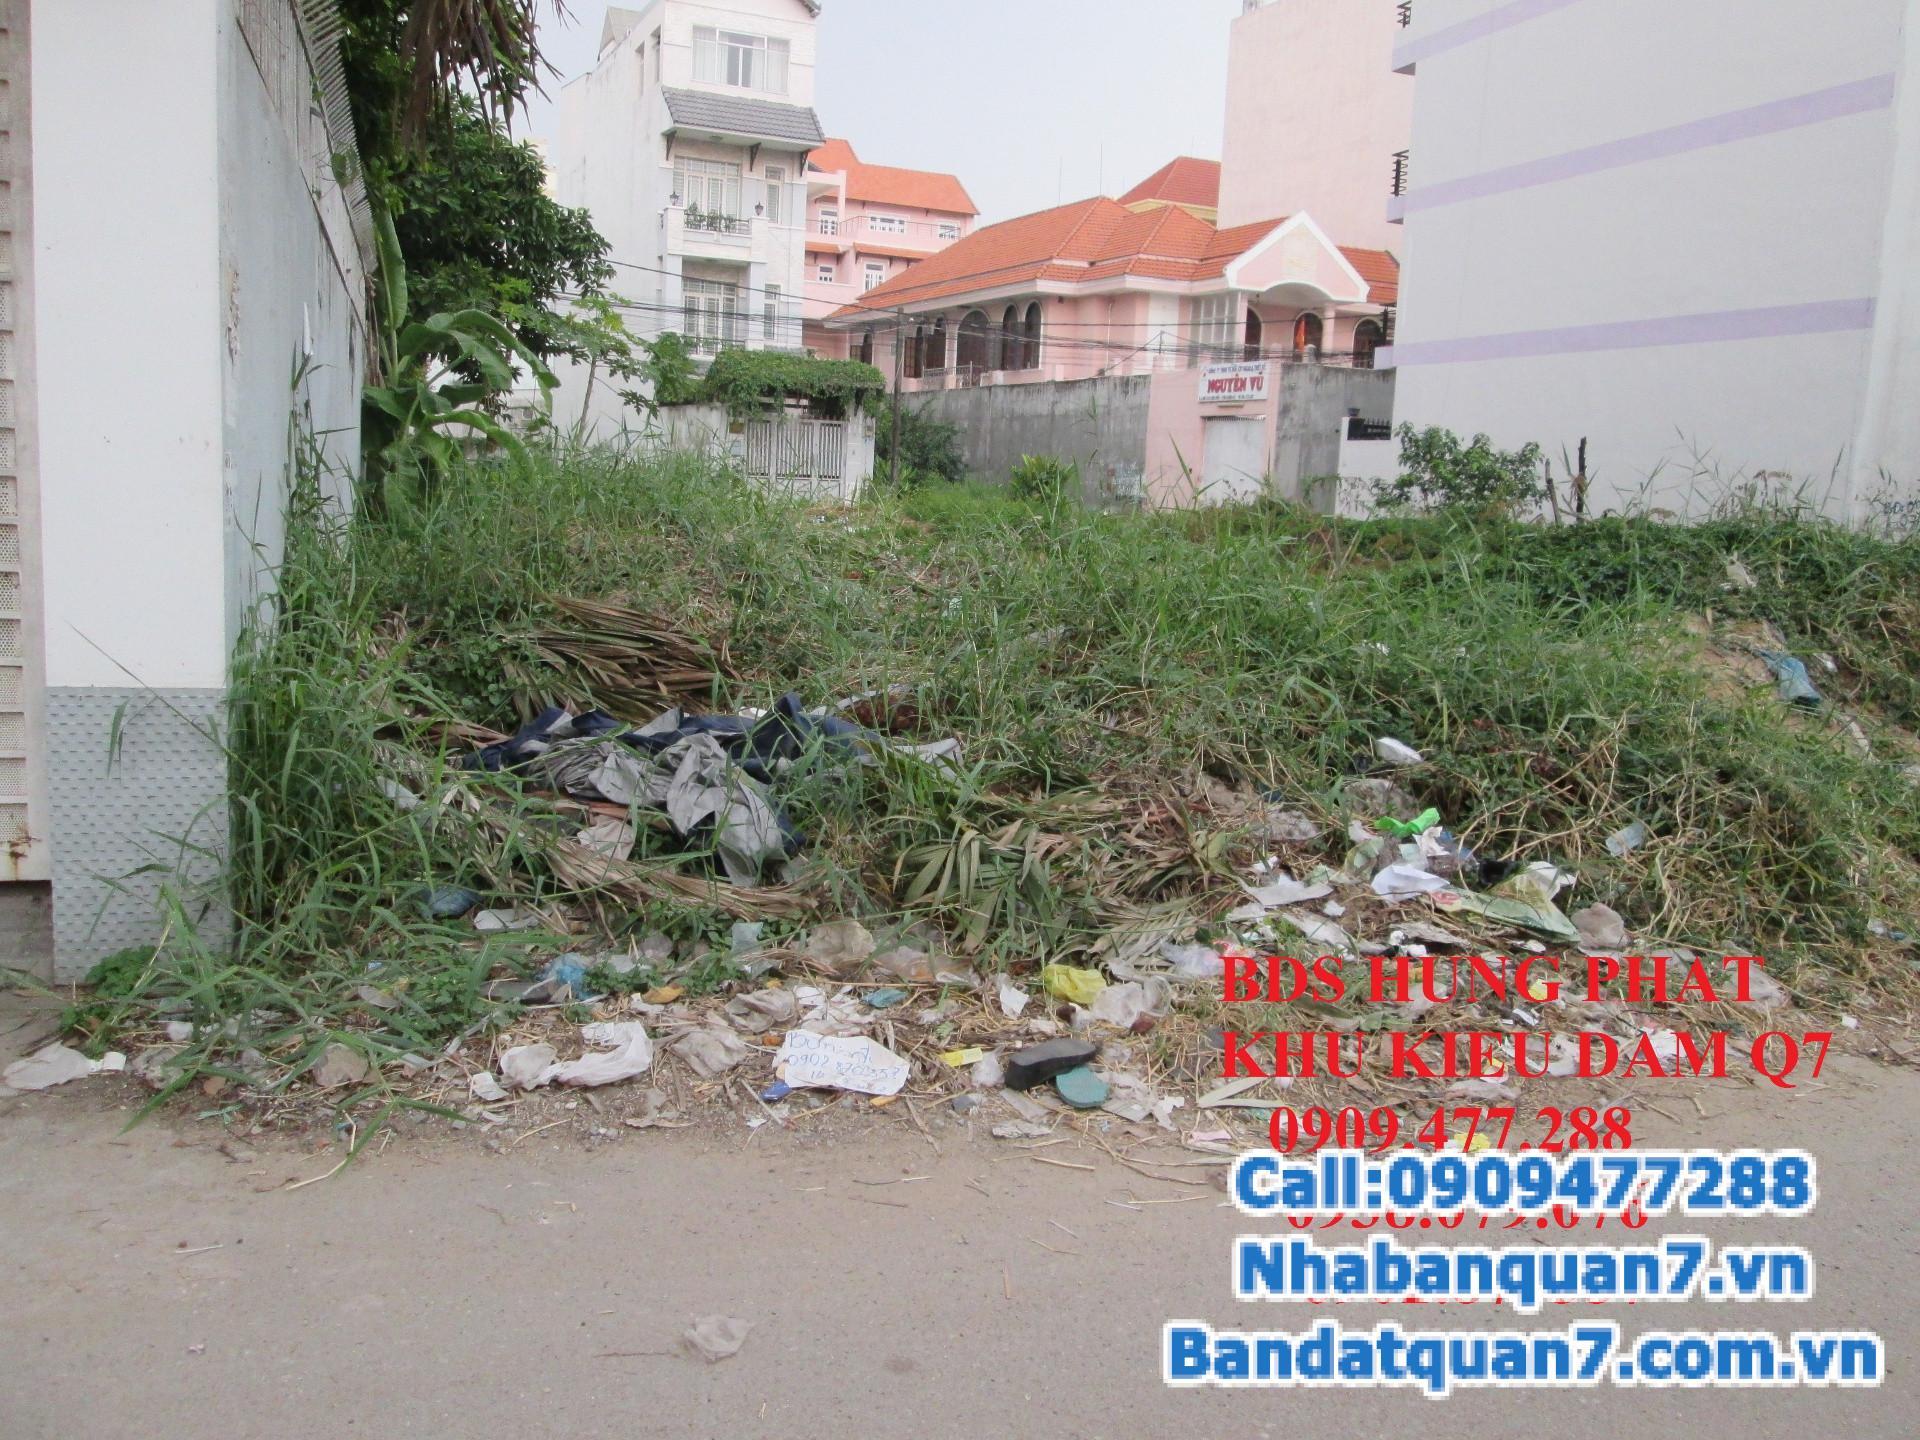 Bán đất Trần Xuân Soạn, P. Tân Hưng, Quận 7 ( Đất mặt tiền đường chính vào khu Kiều Đàm).